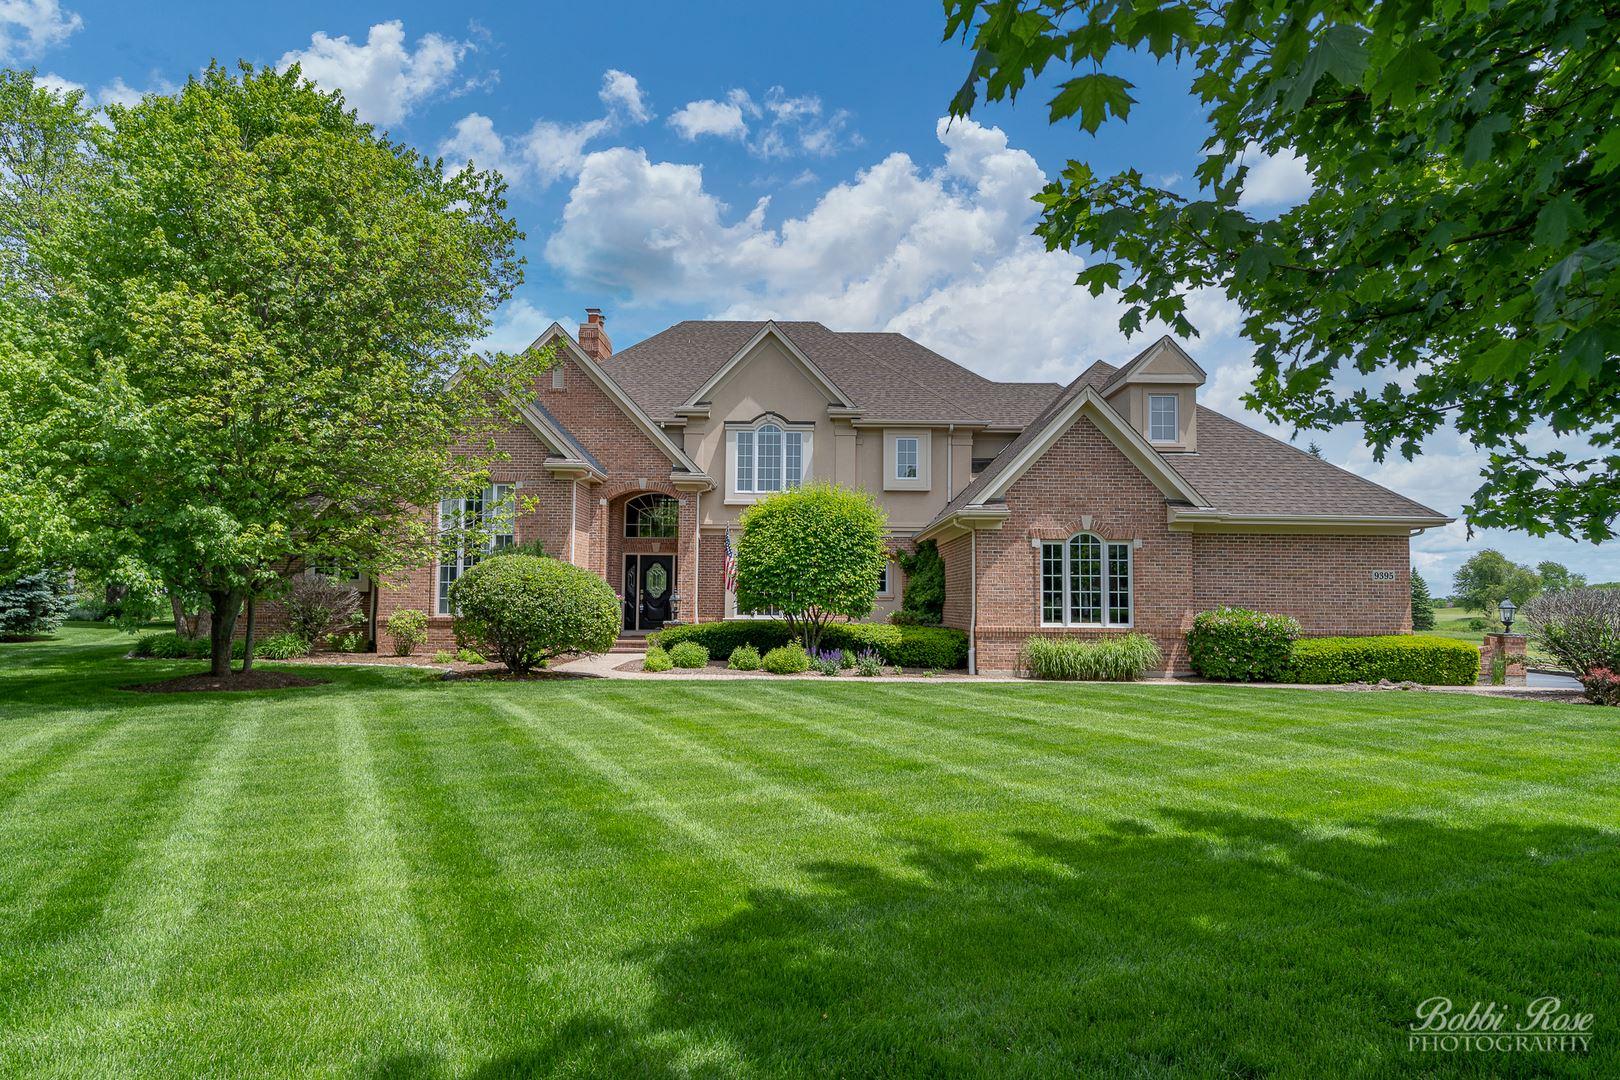 9395 Nicklaus Lane, Lakewood, IL 60014 - #: 11011414